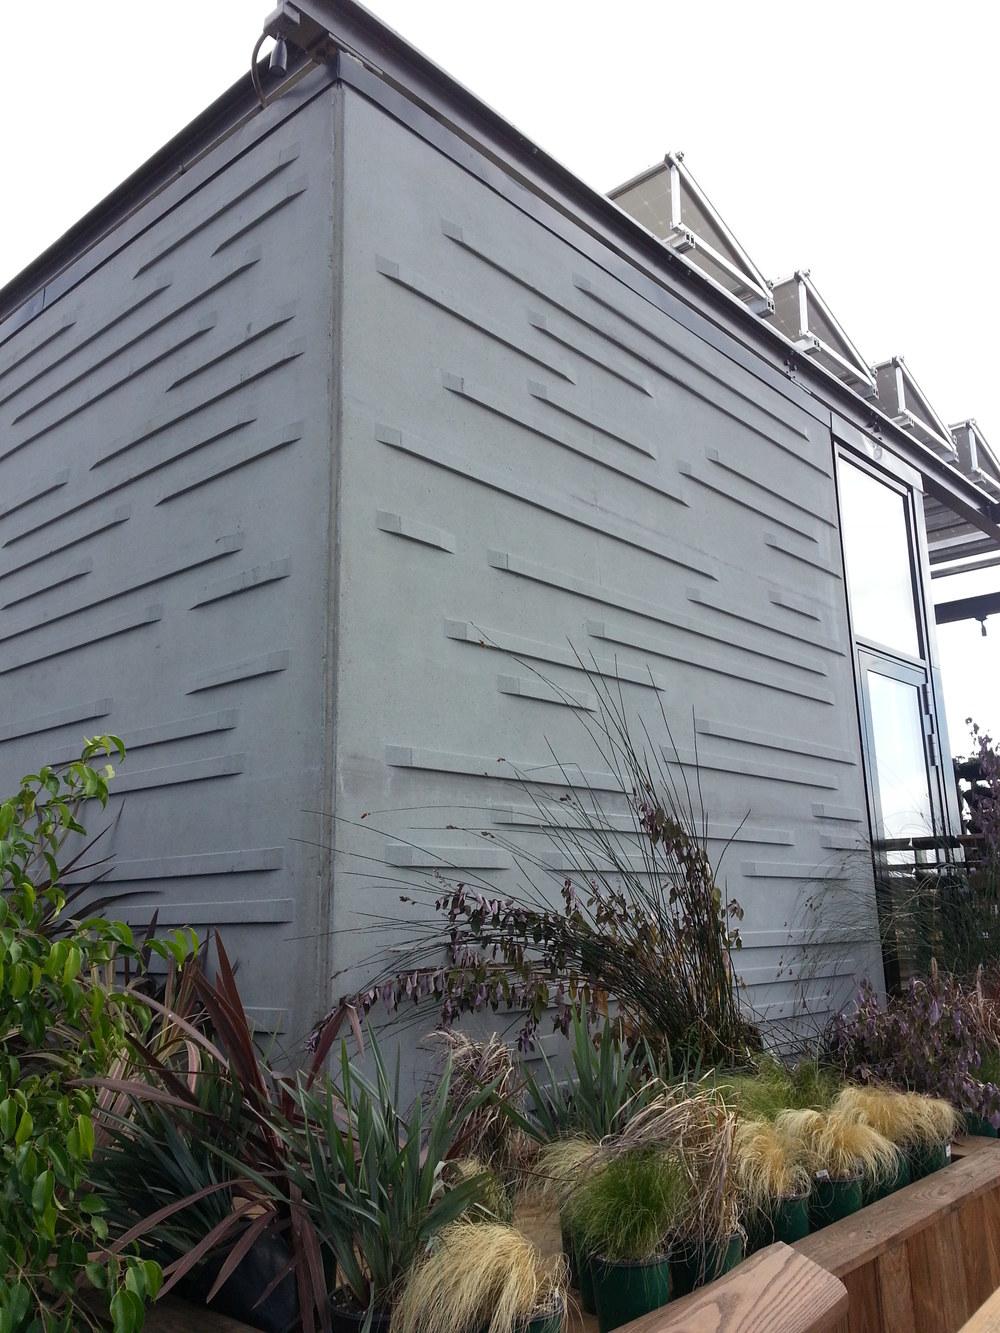 geopolymer - Ruhnau Clarke Architects